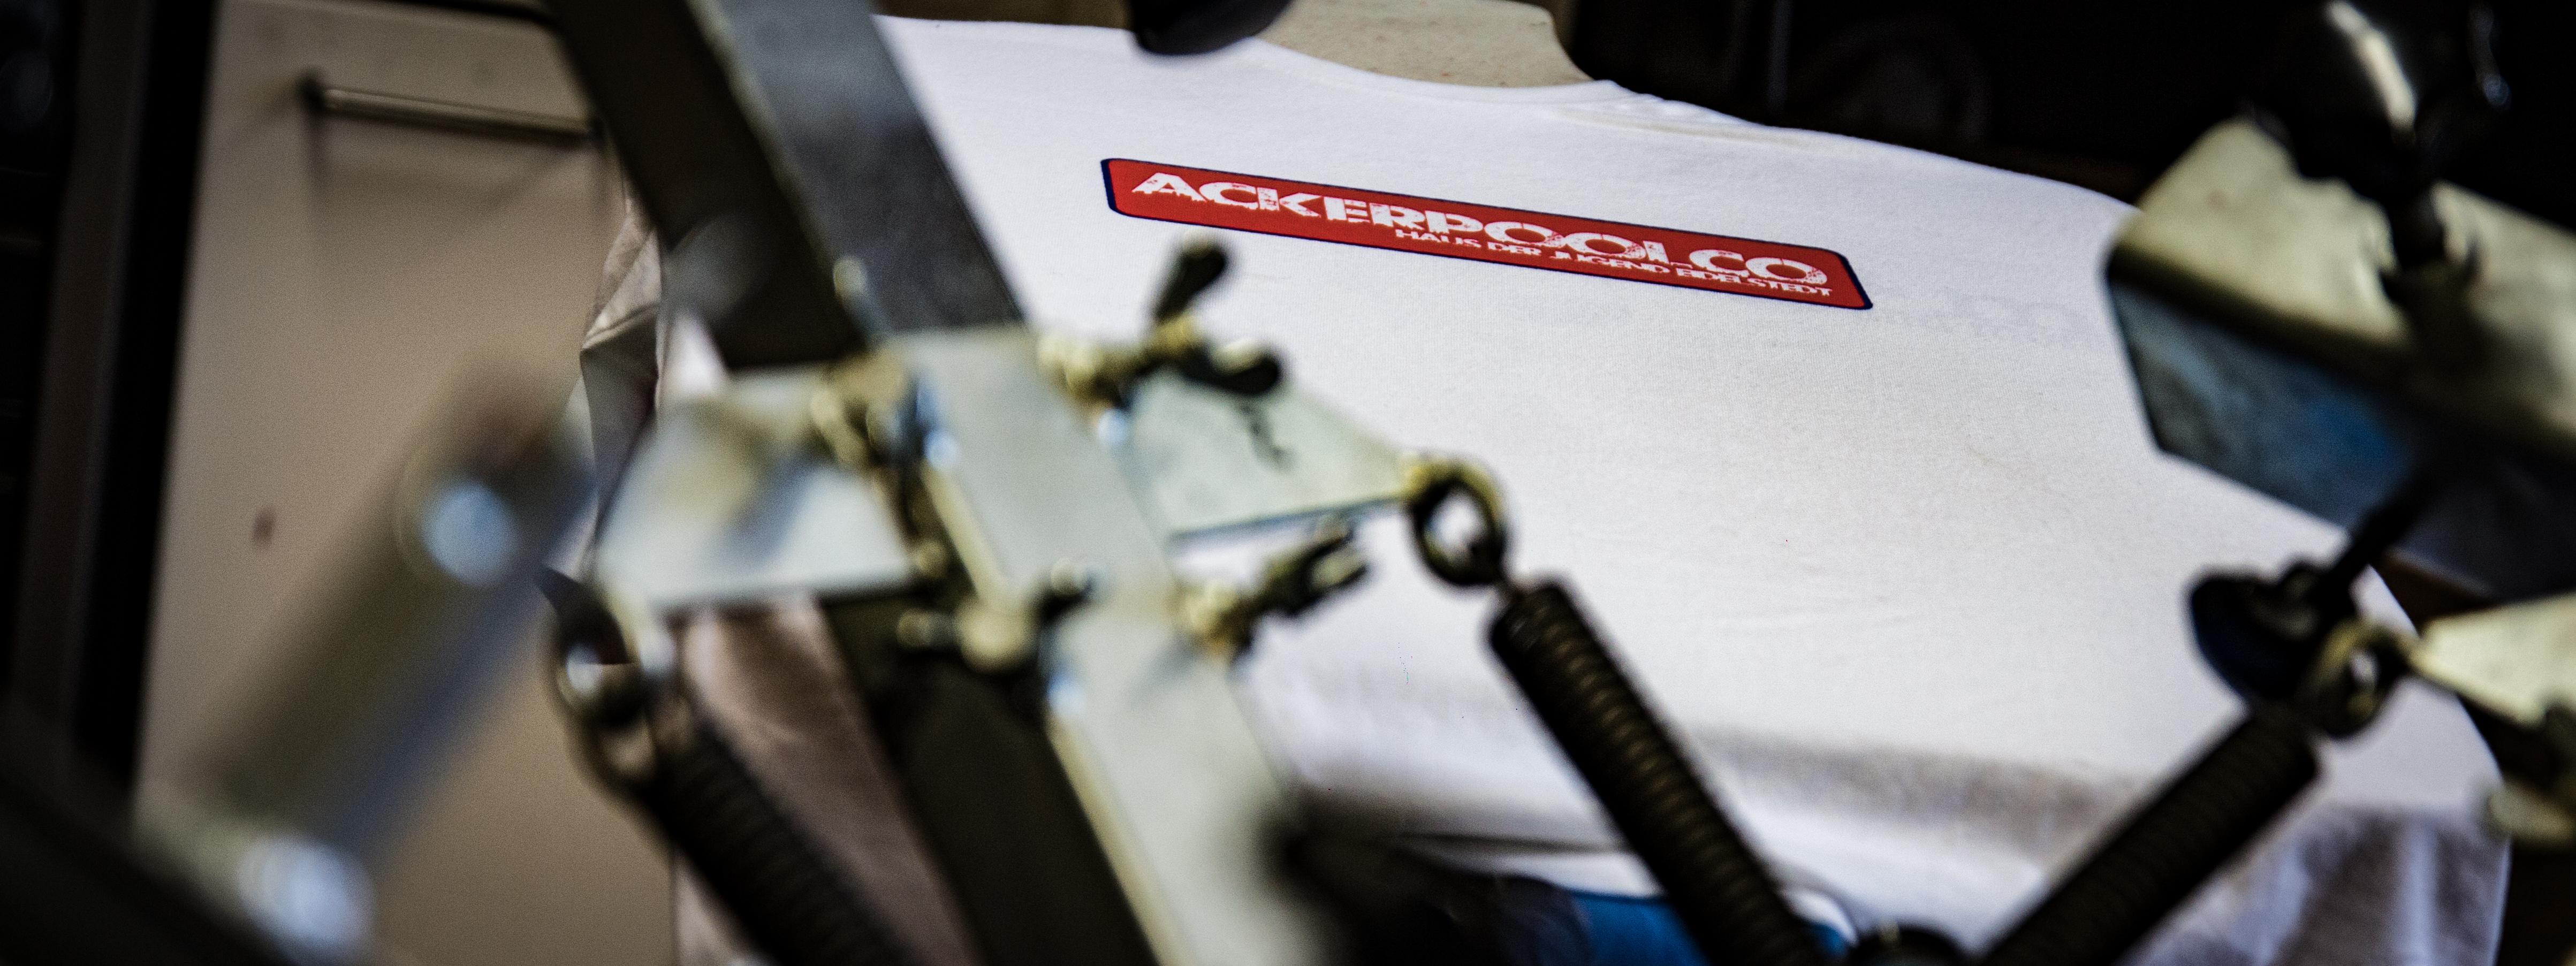 ackerpoolco. weil es kreativ ist.